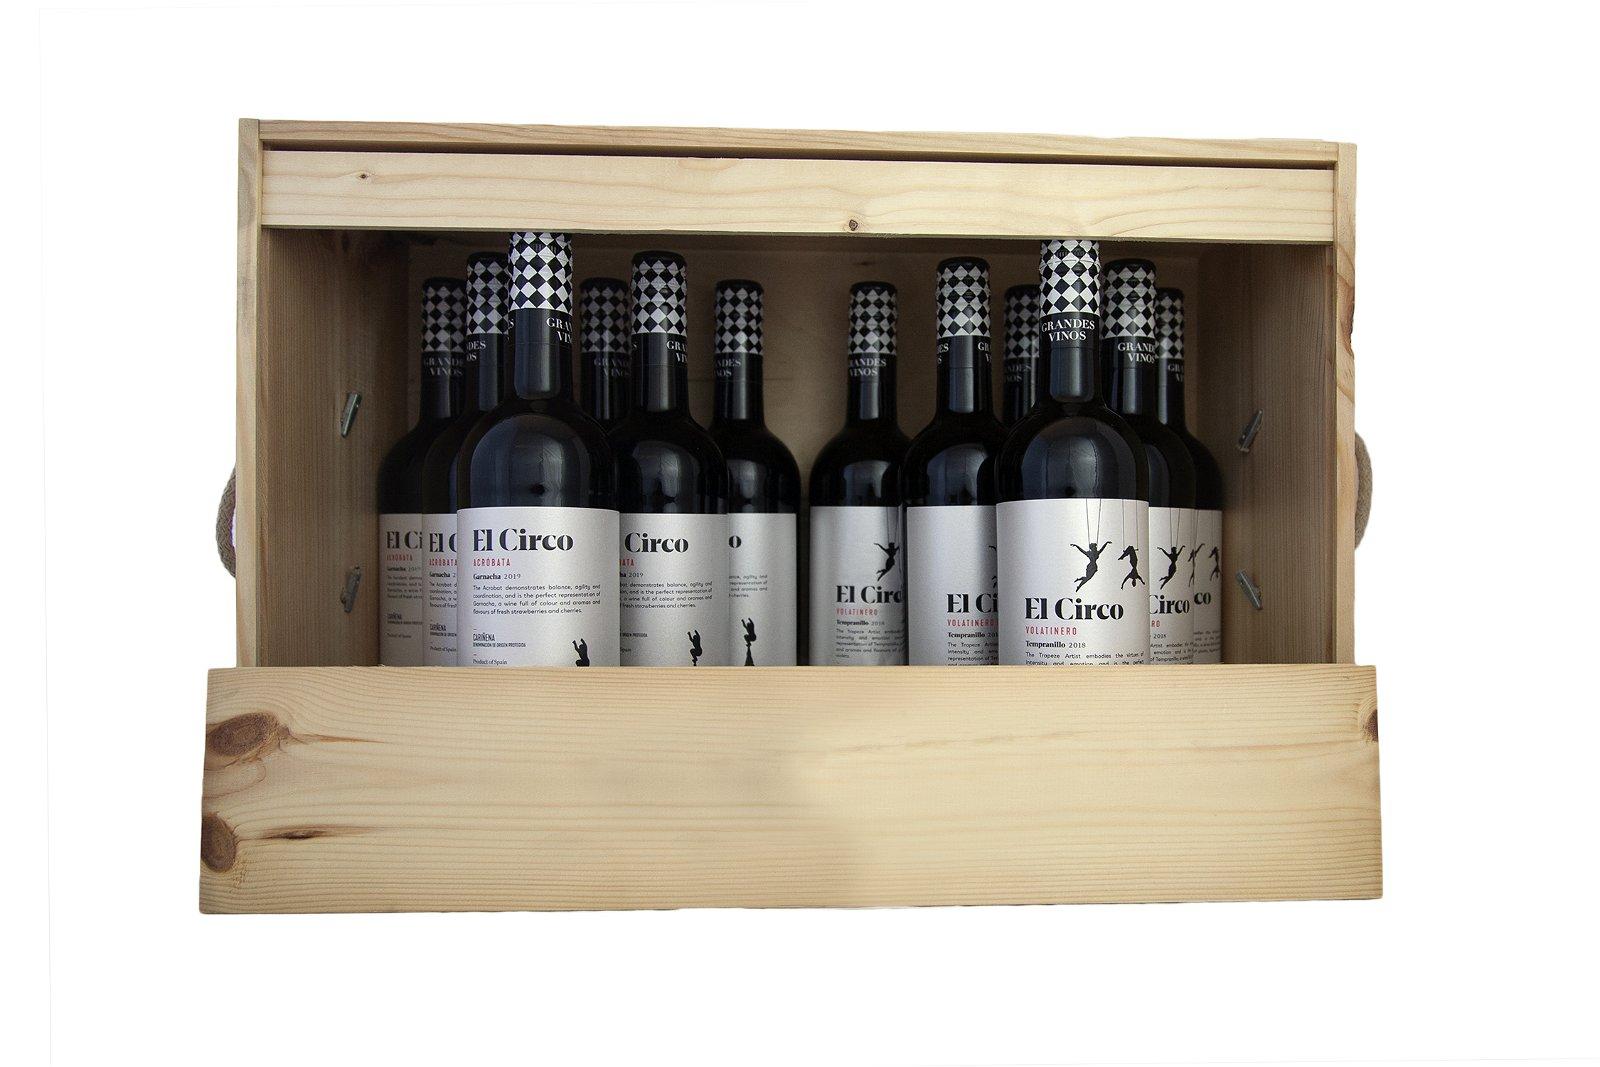 Laudrup Vin Spanske vine til juleaften, 12 fl.